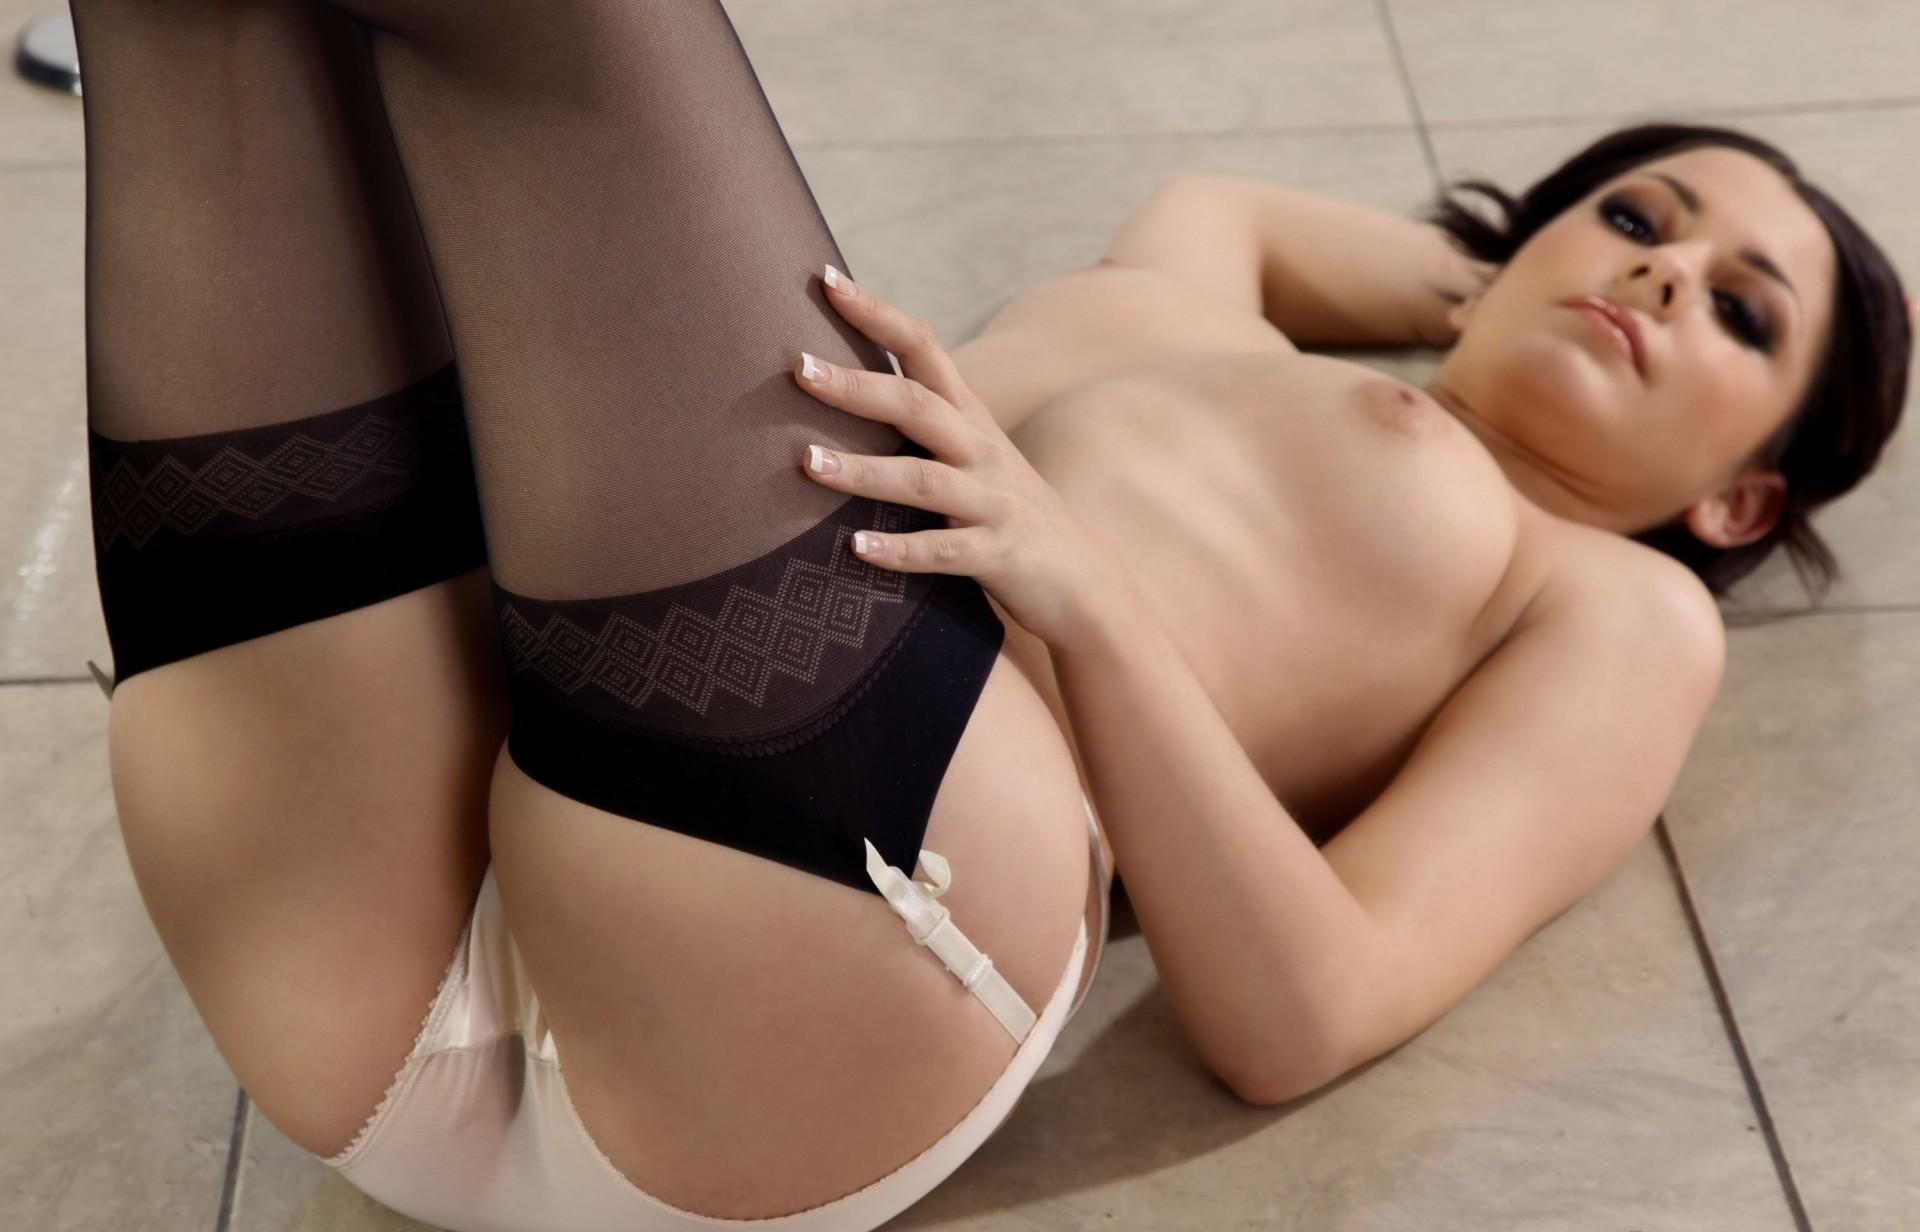 Сиськи нижнее белье, Трусики, Нижнее белье порно видео онлайн - TopRuPorno 25 фотография